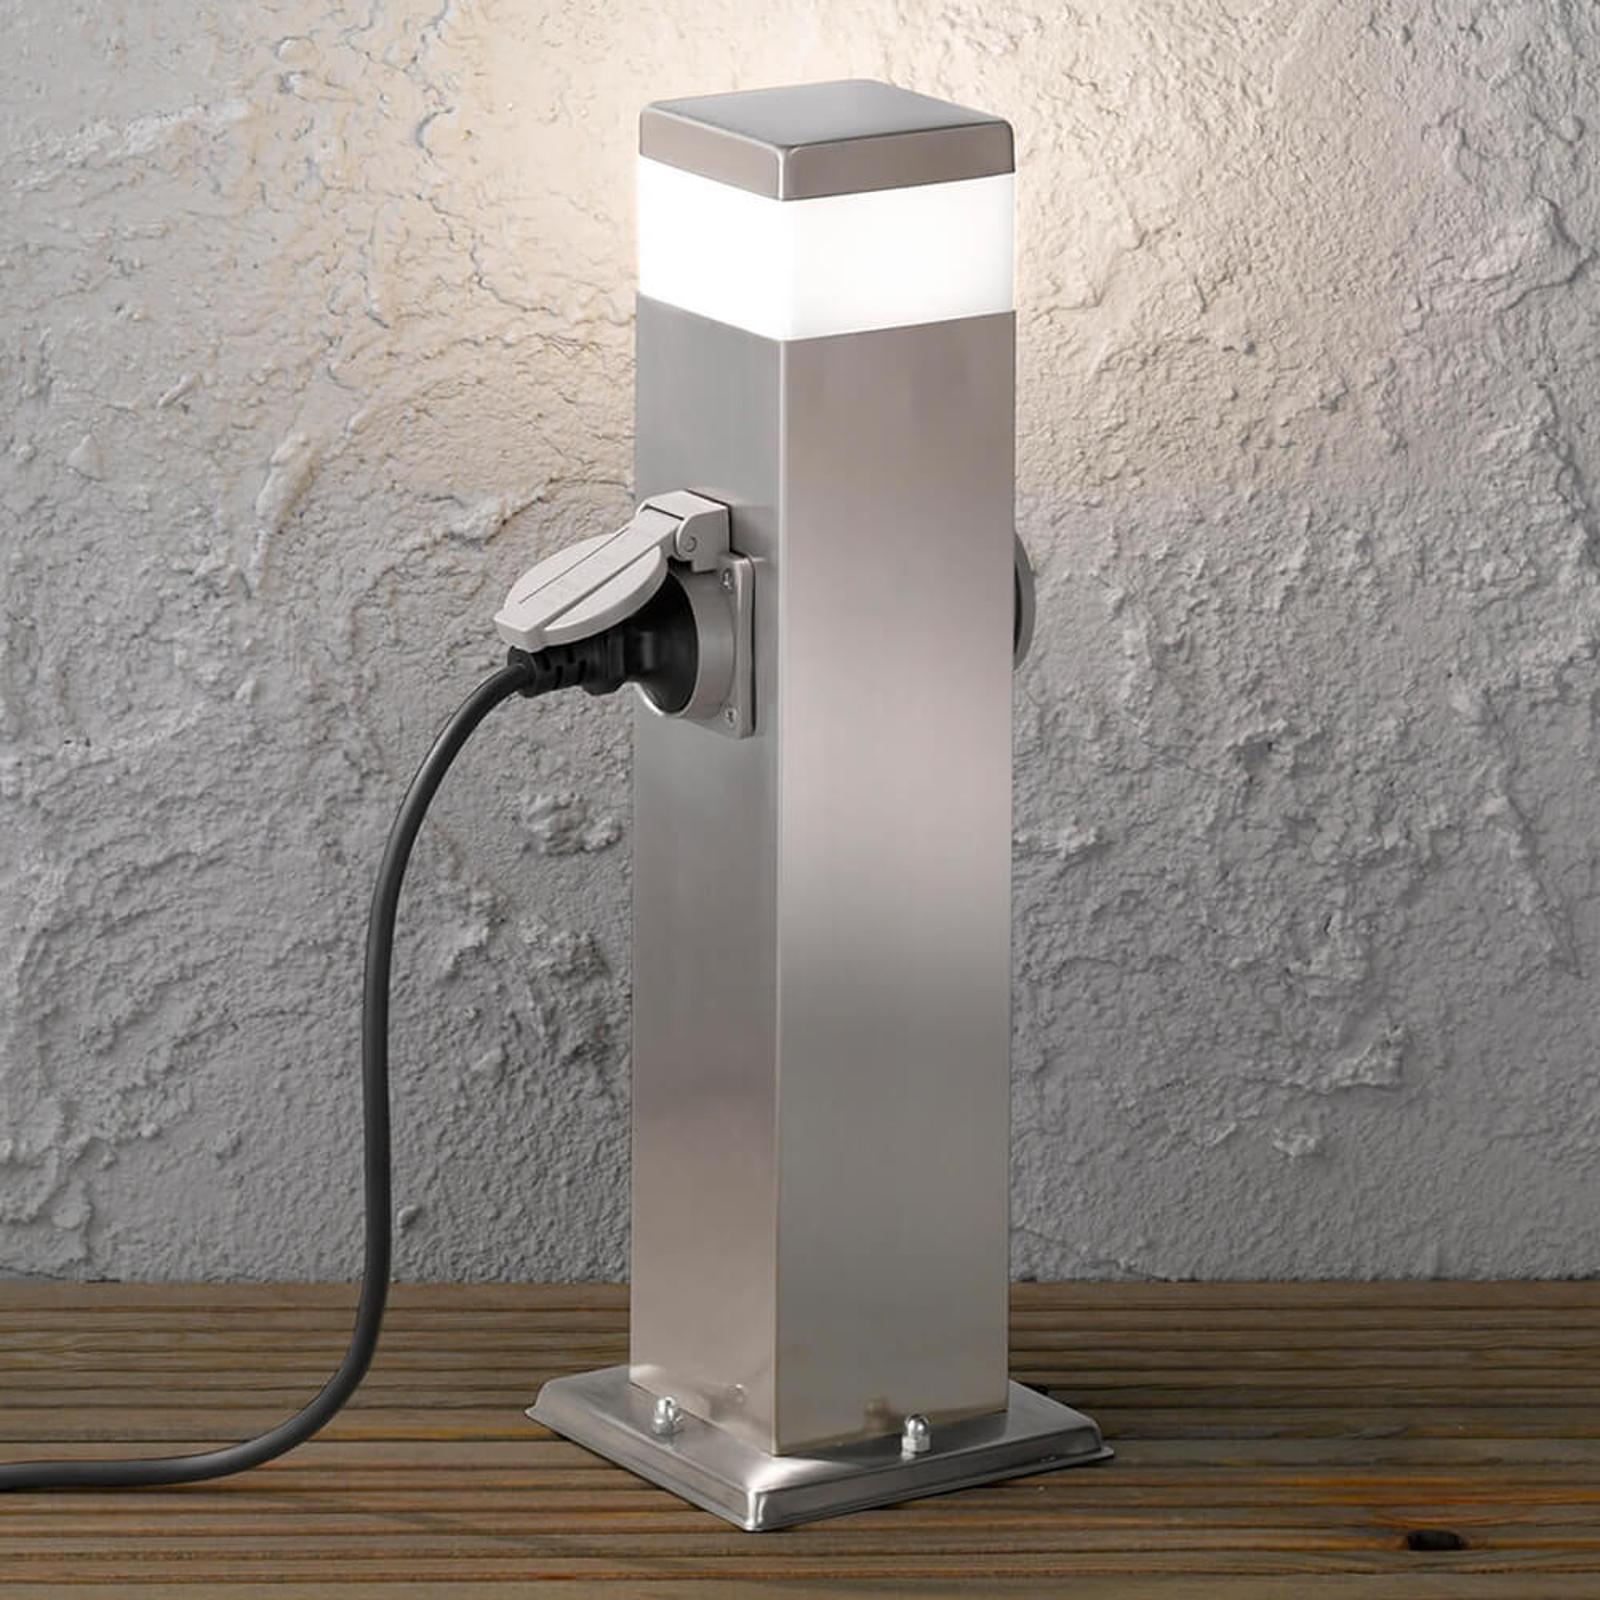 Tara stikkontaktstolpe 2-er med LED-lys